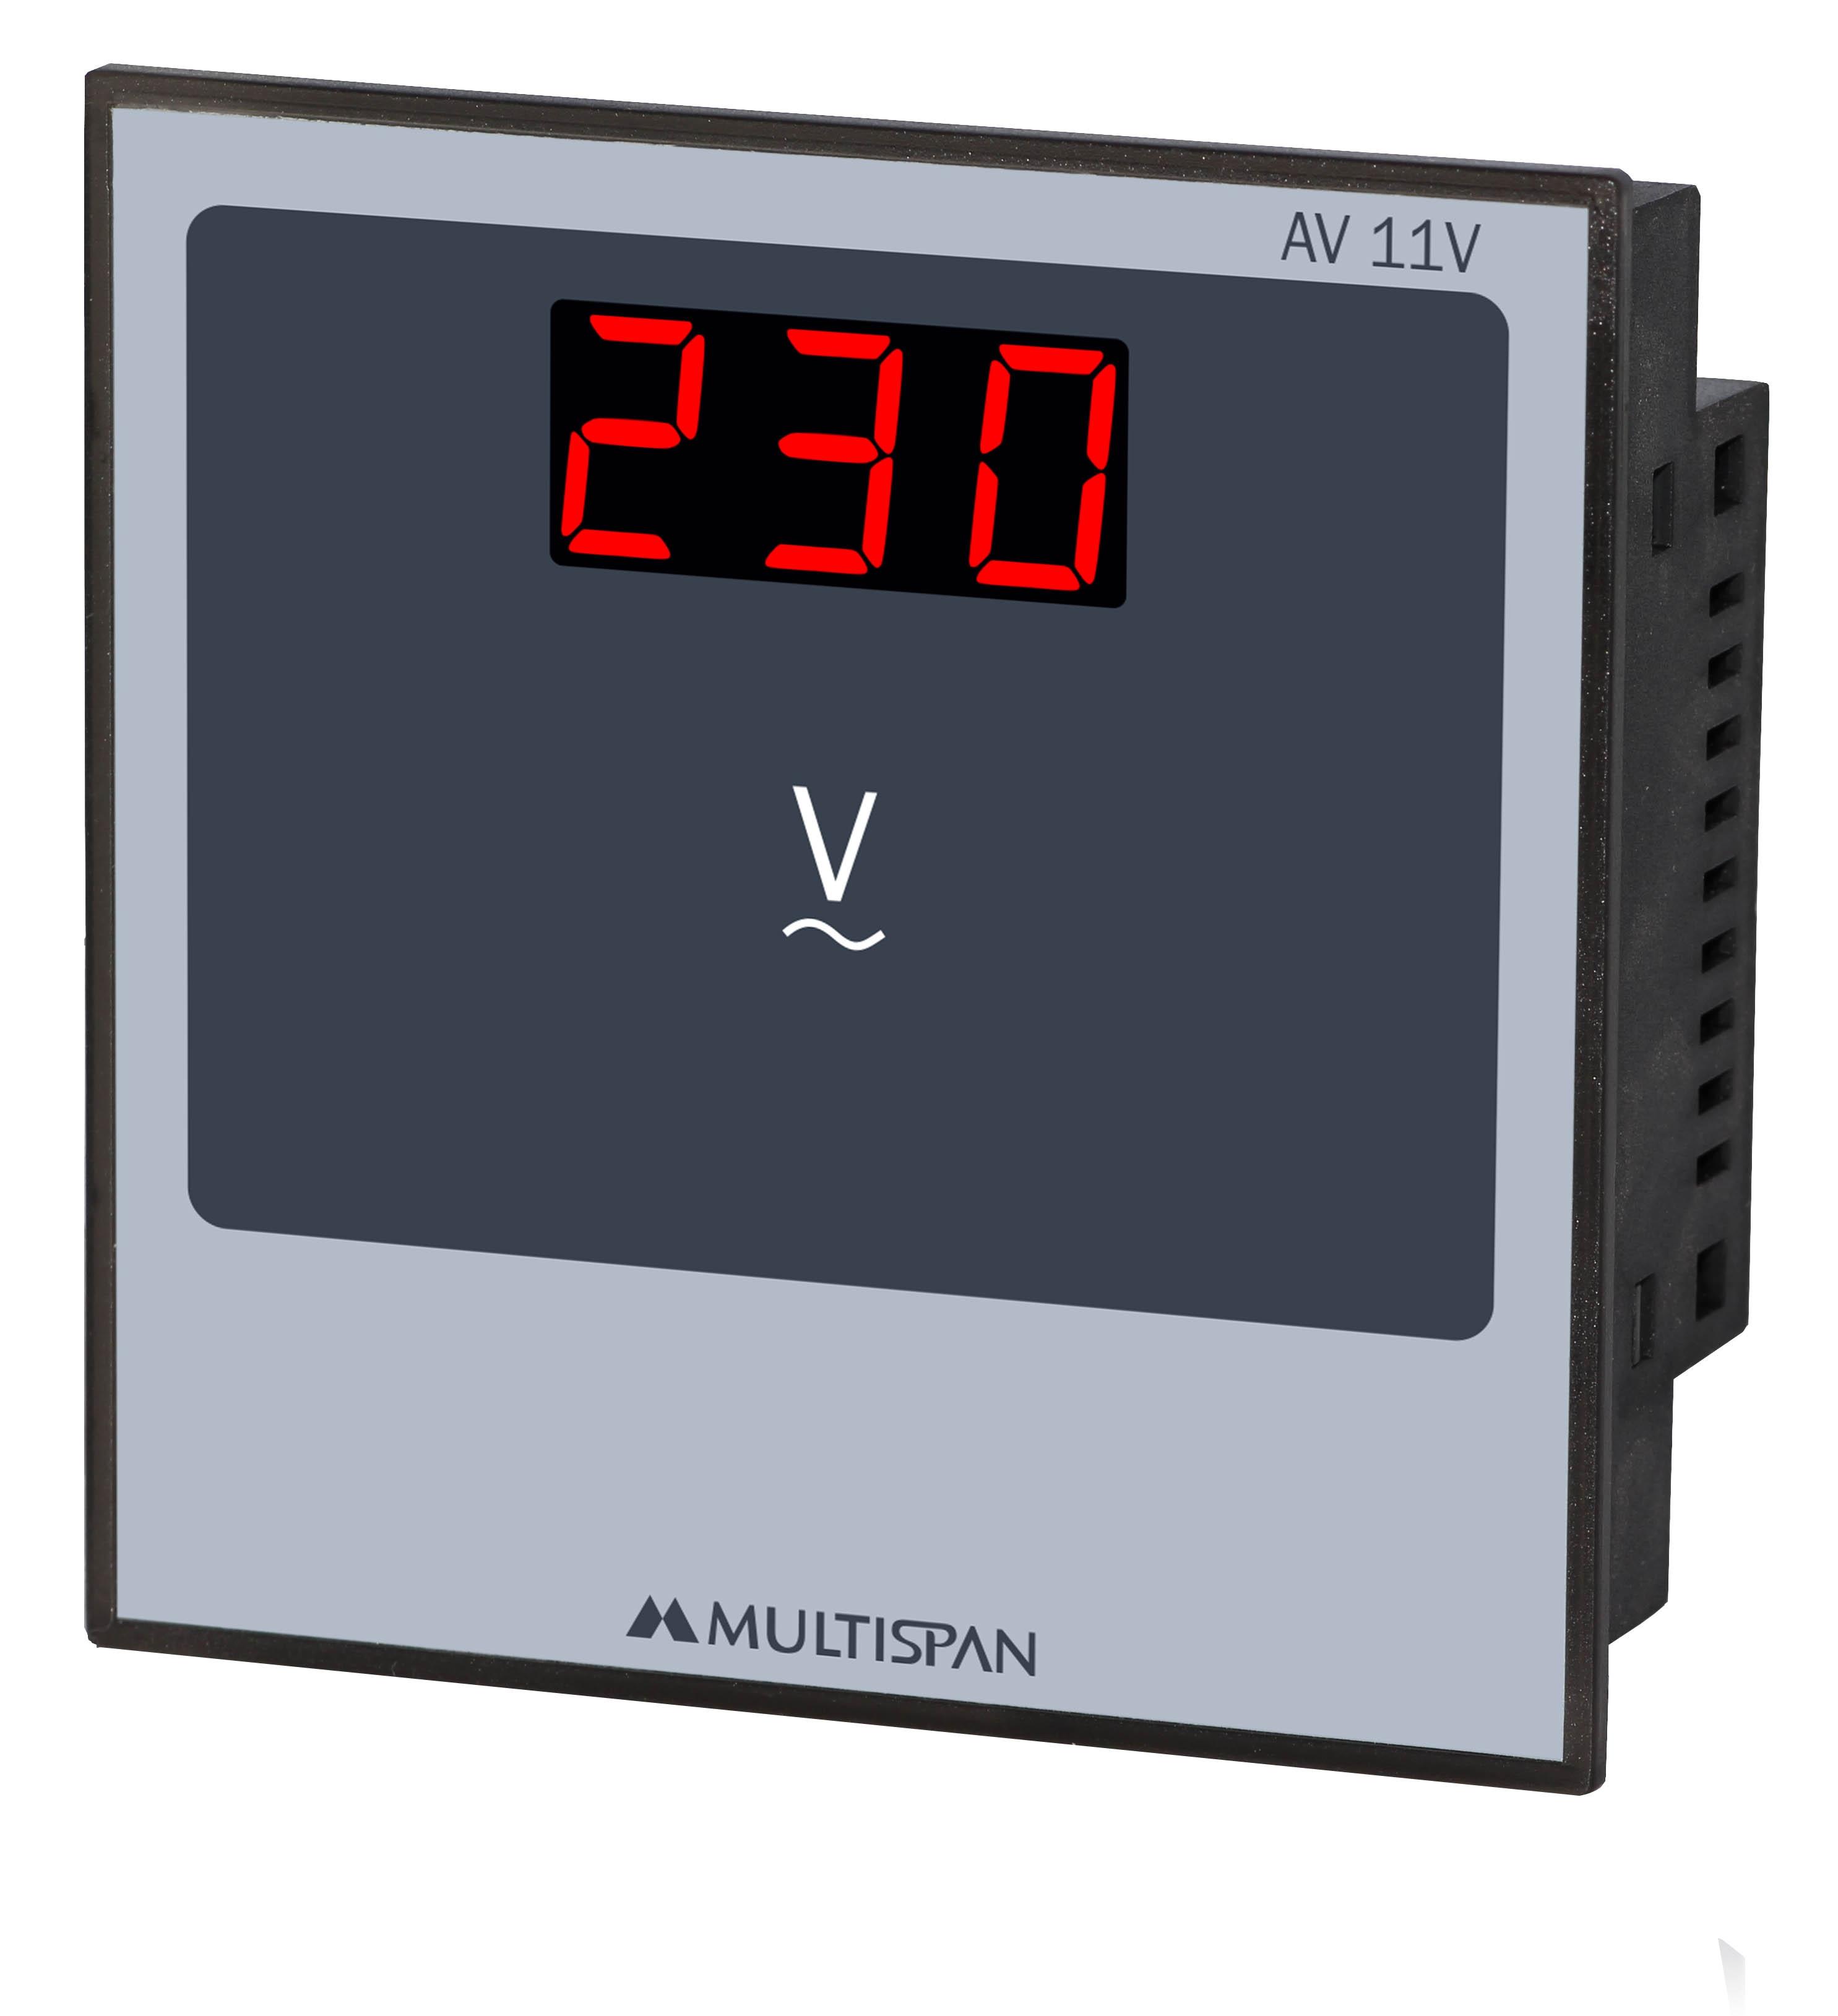 Đồng hồ đo điện áp 1 pha